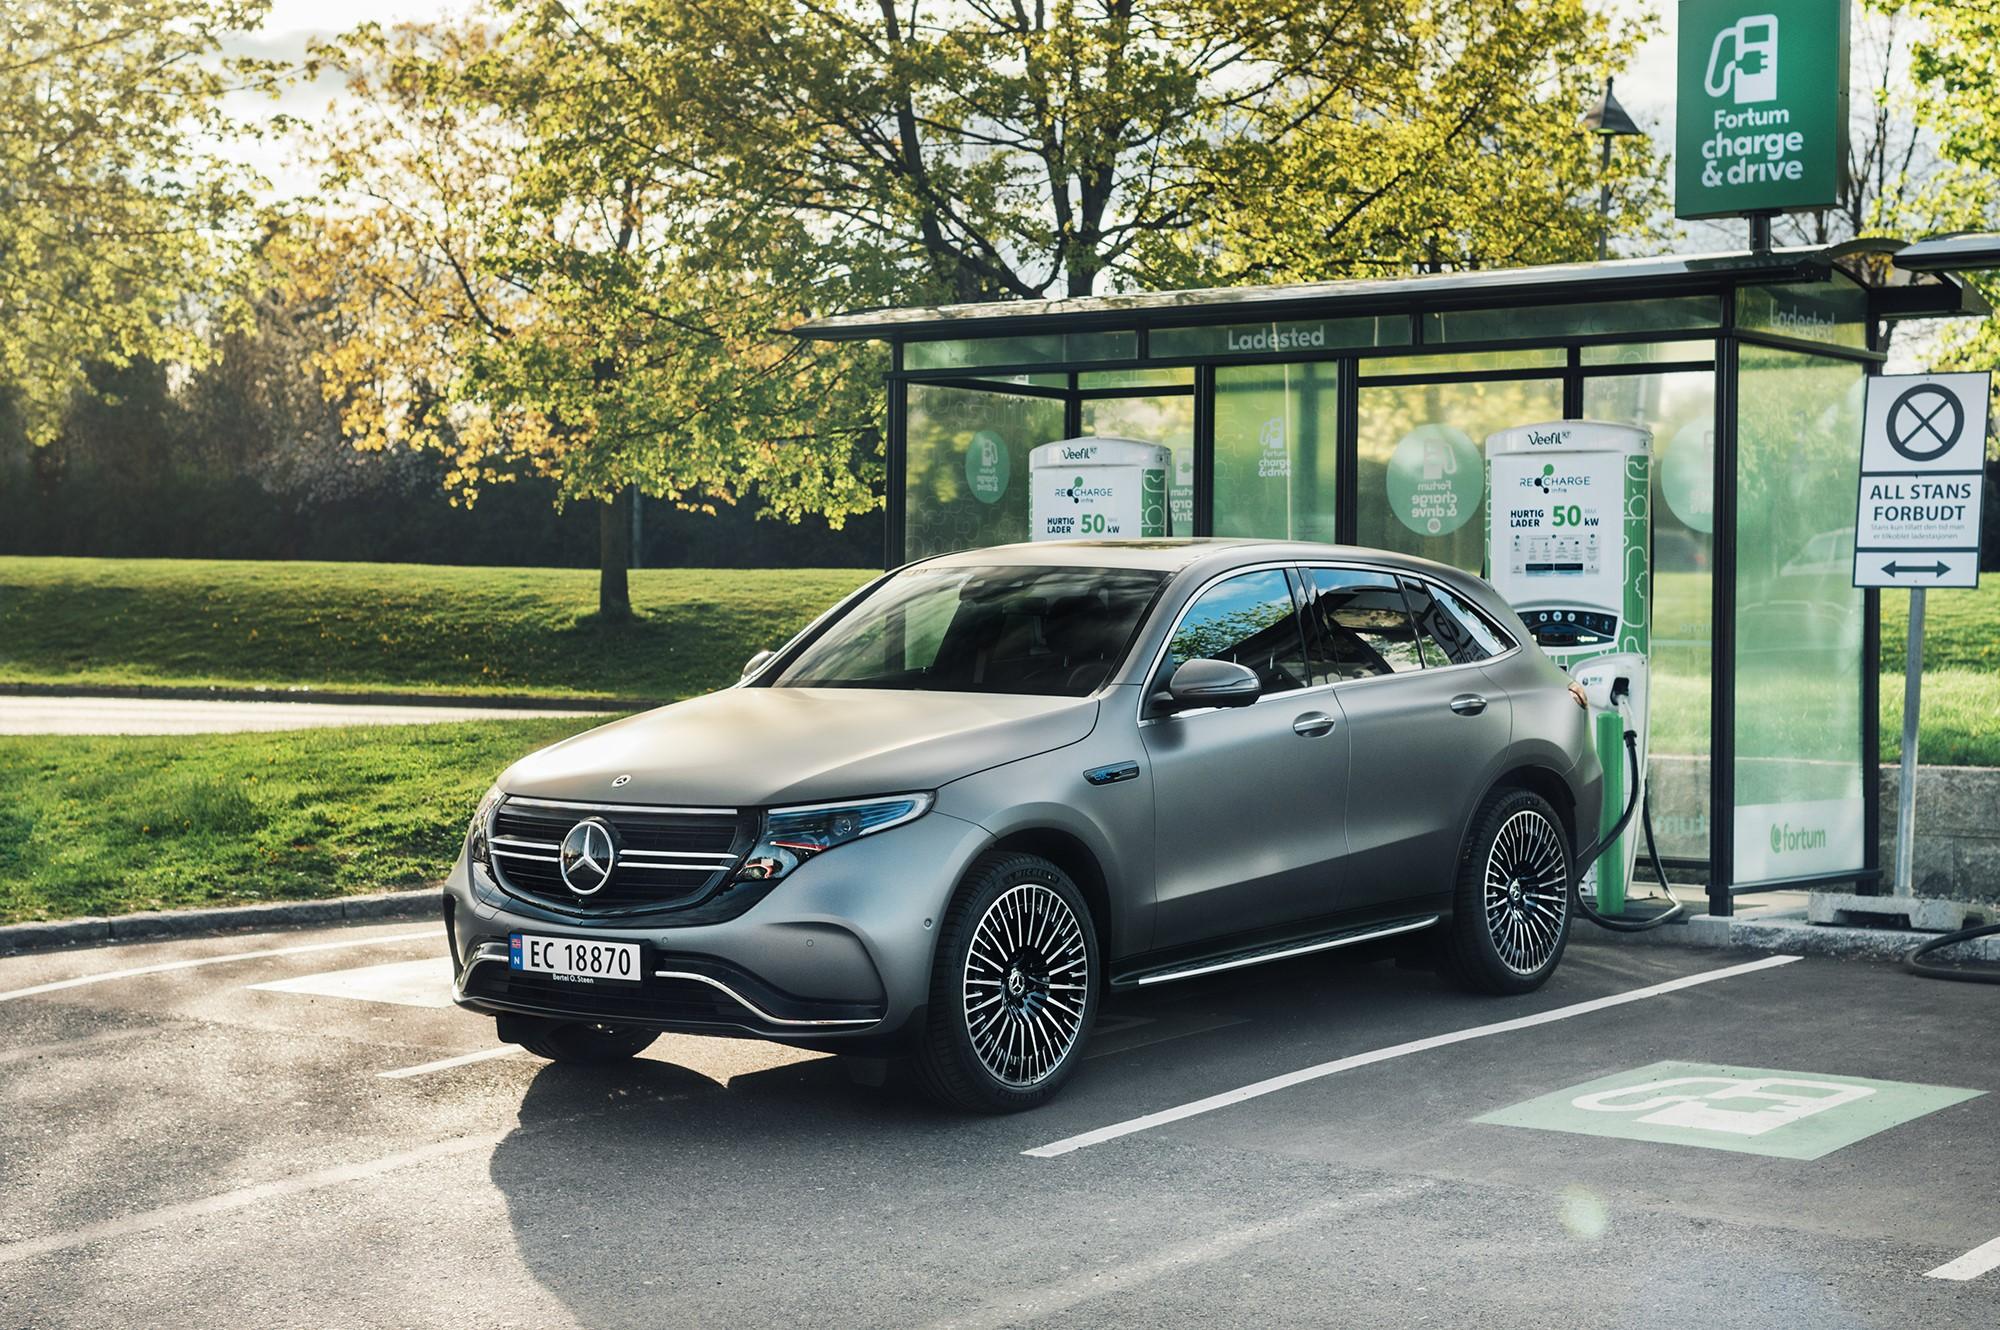 Mercedes-ägare får tillgång till Nordens största laddnätverk